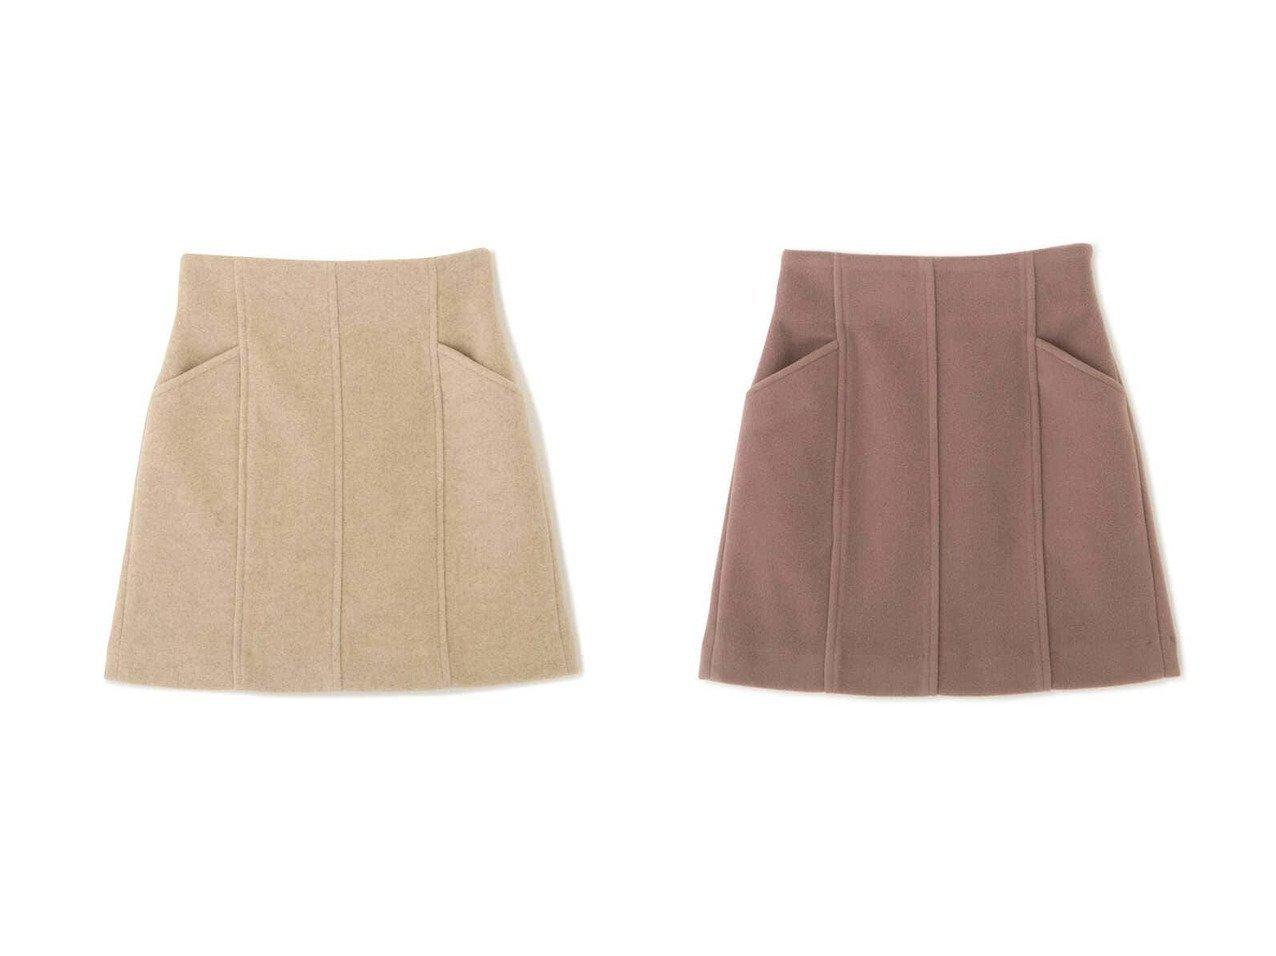 【FREE'S MART/フリーズマート】の《Sシリーズ対応商品》TRメルトンパネル切替ミニスカート 【プチプライス・低価格】おすすめ!人気、トレンド・レディースファッションの通販 おすすめで人気の流行・トレンド、ファッションの通販商品 インテリア・家具・メンズファッション・キッズファッション・レディースファッション・服の通販 founy(ファニー) https://founy.com/ ファッション Fashion レディースファッション WOMEN スカート Skirt ミニスカート Mini Skirts おすすめ Recommend セットアップ フォルム ポケット ミニスカート メルトン ロング 切替  ID:crp329100000060401